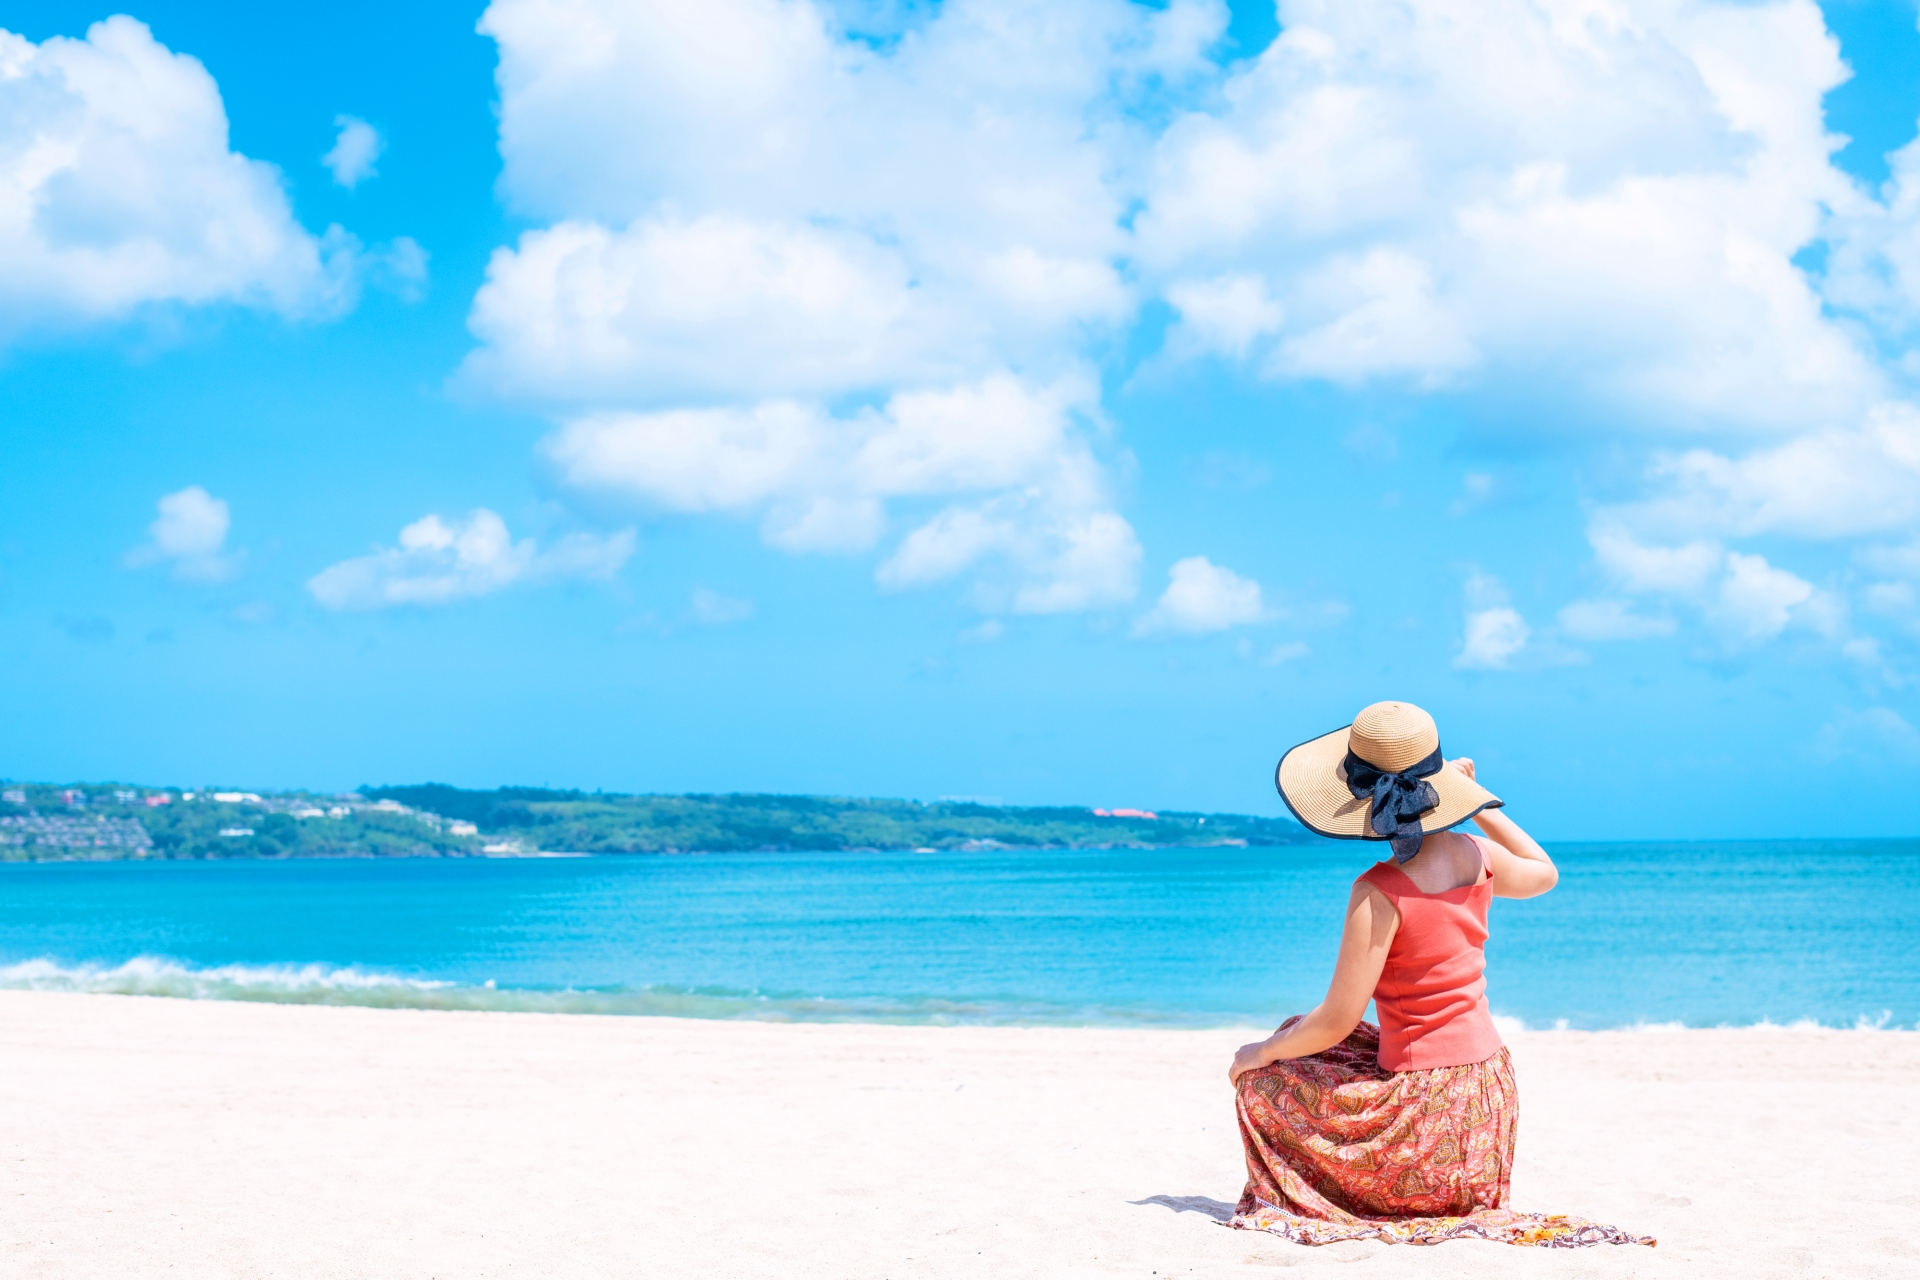 リゾートの海岸